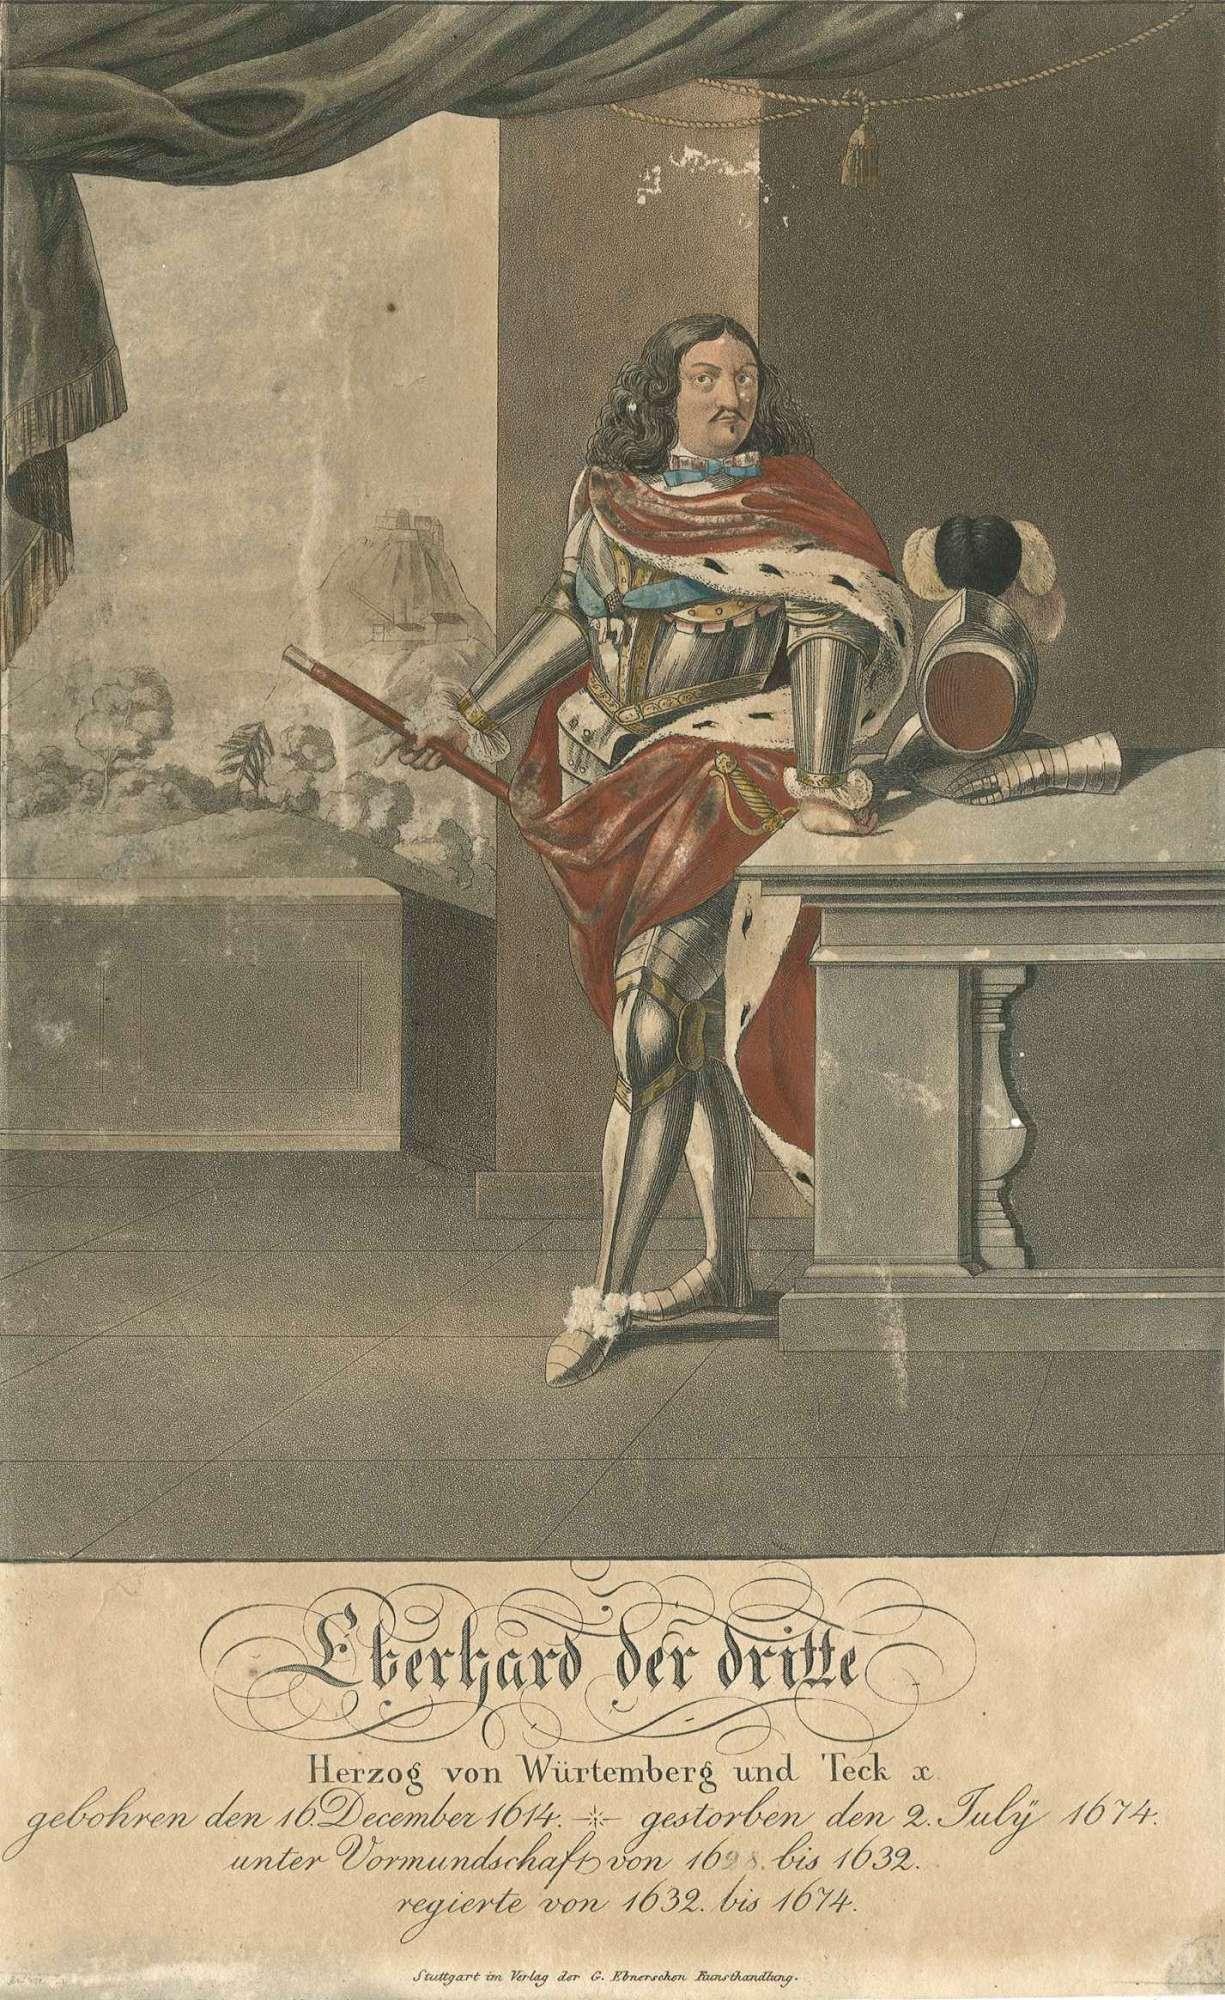 Herzog Eberhard III. von Württemberg, stehend in Rüstung und Purpurmantel in Halbprofil, Bild 1